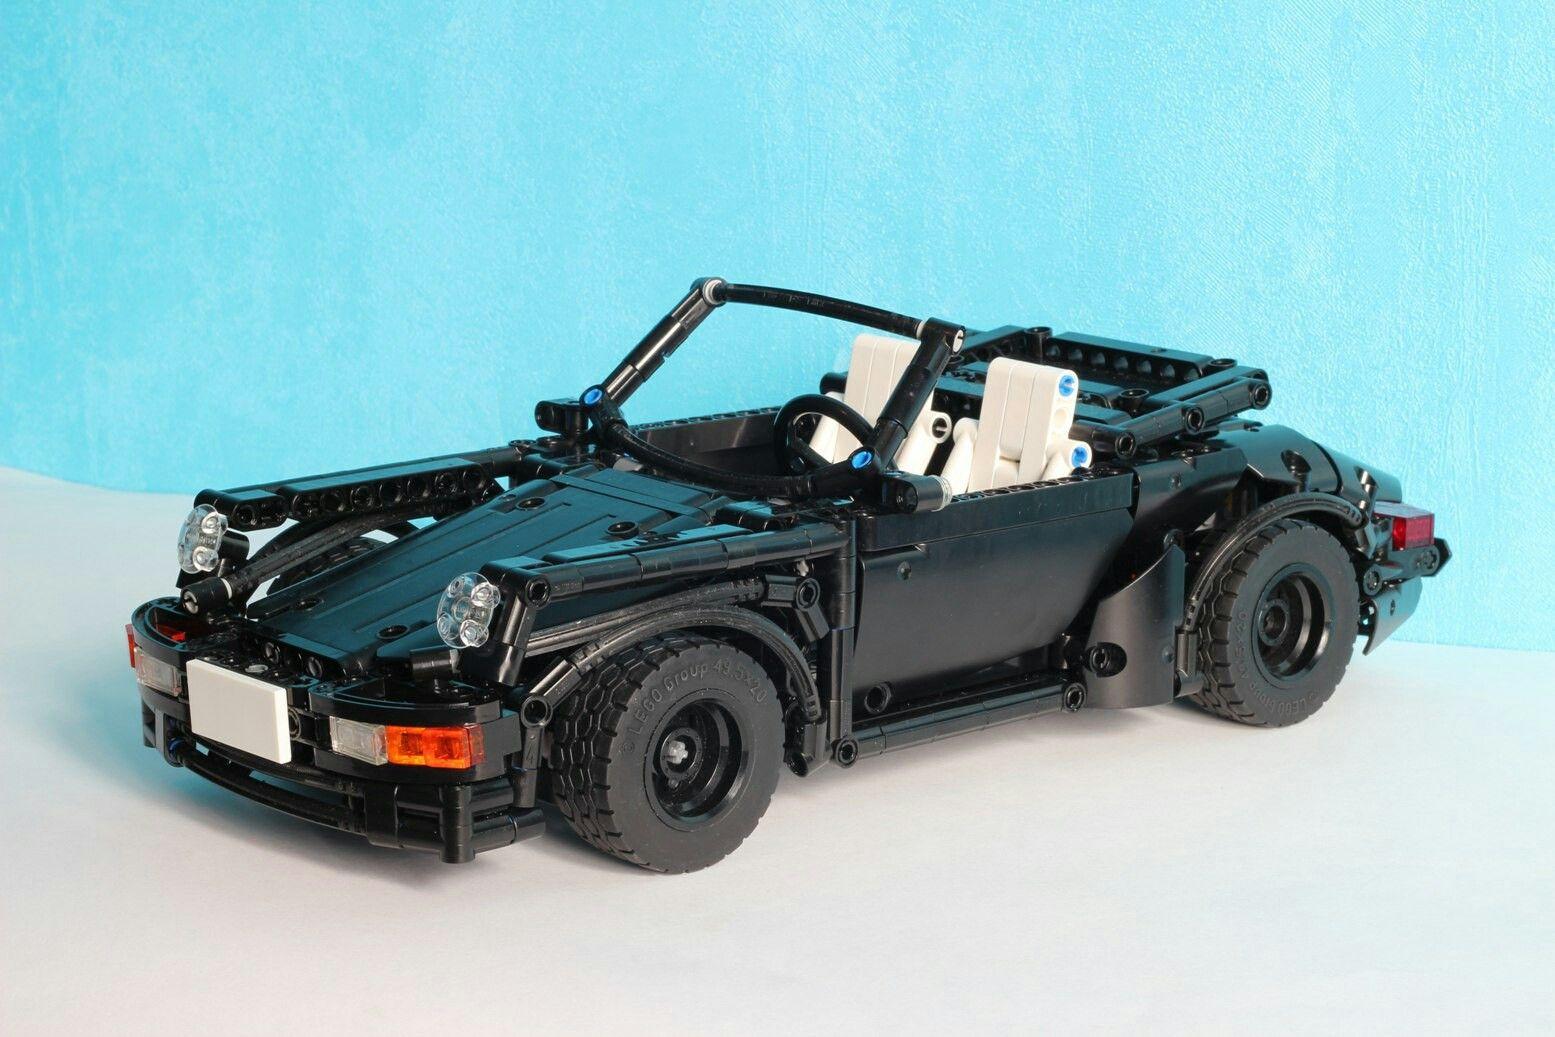 Pin by Kathy Turner on LEGO IDEAS Lego cars, Lego